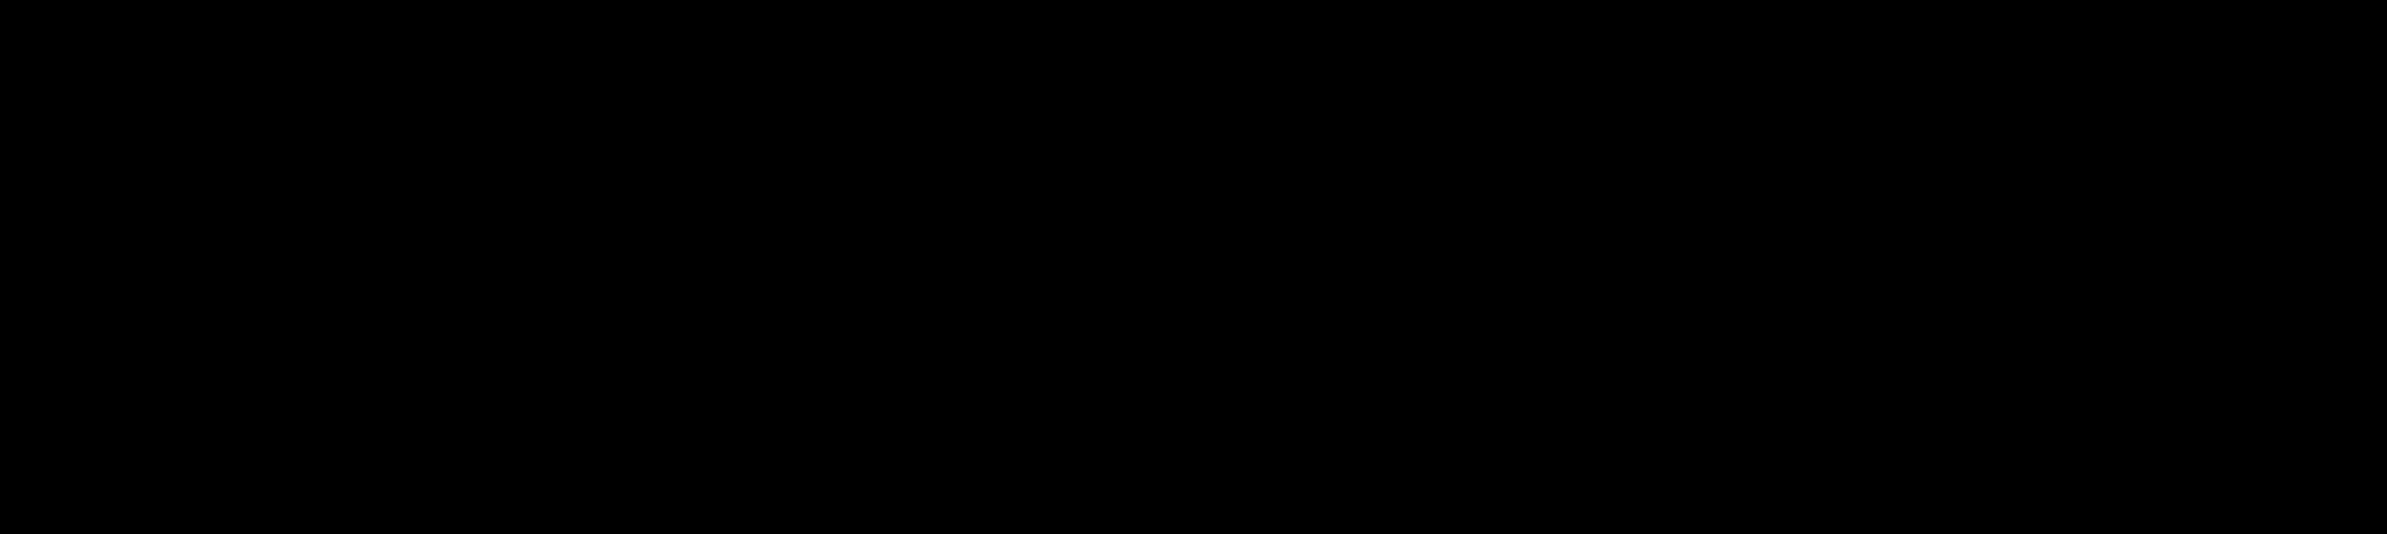 Klarna 로고